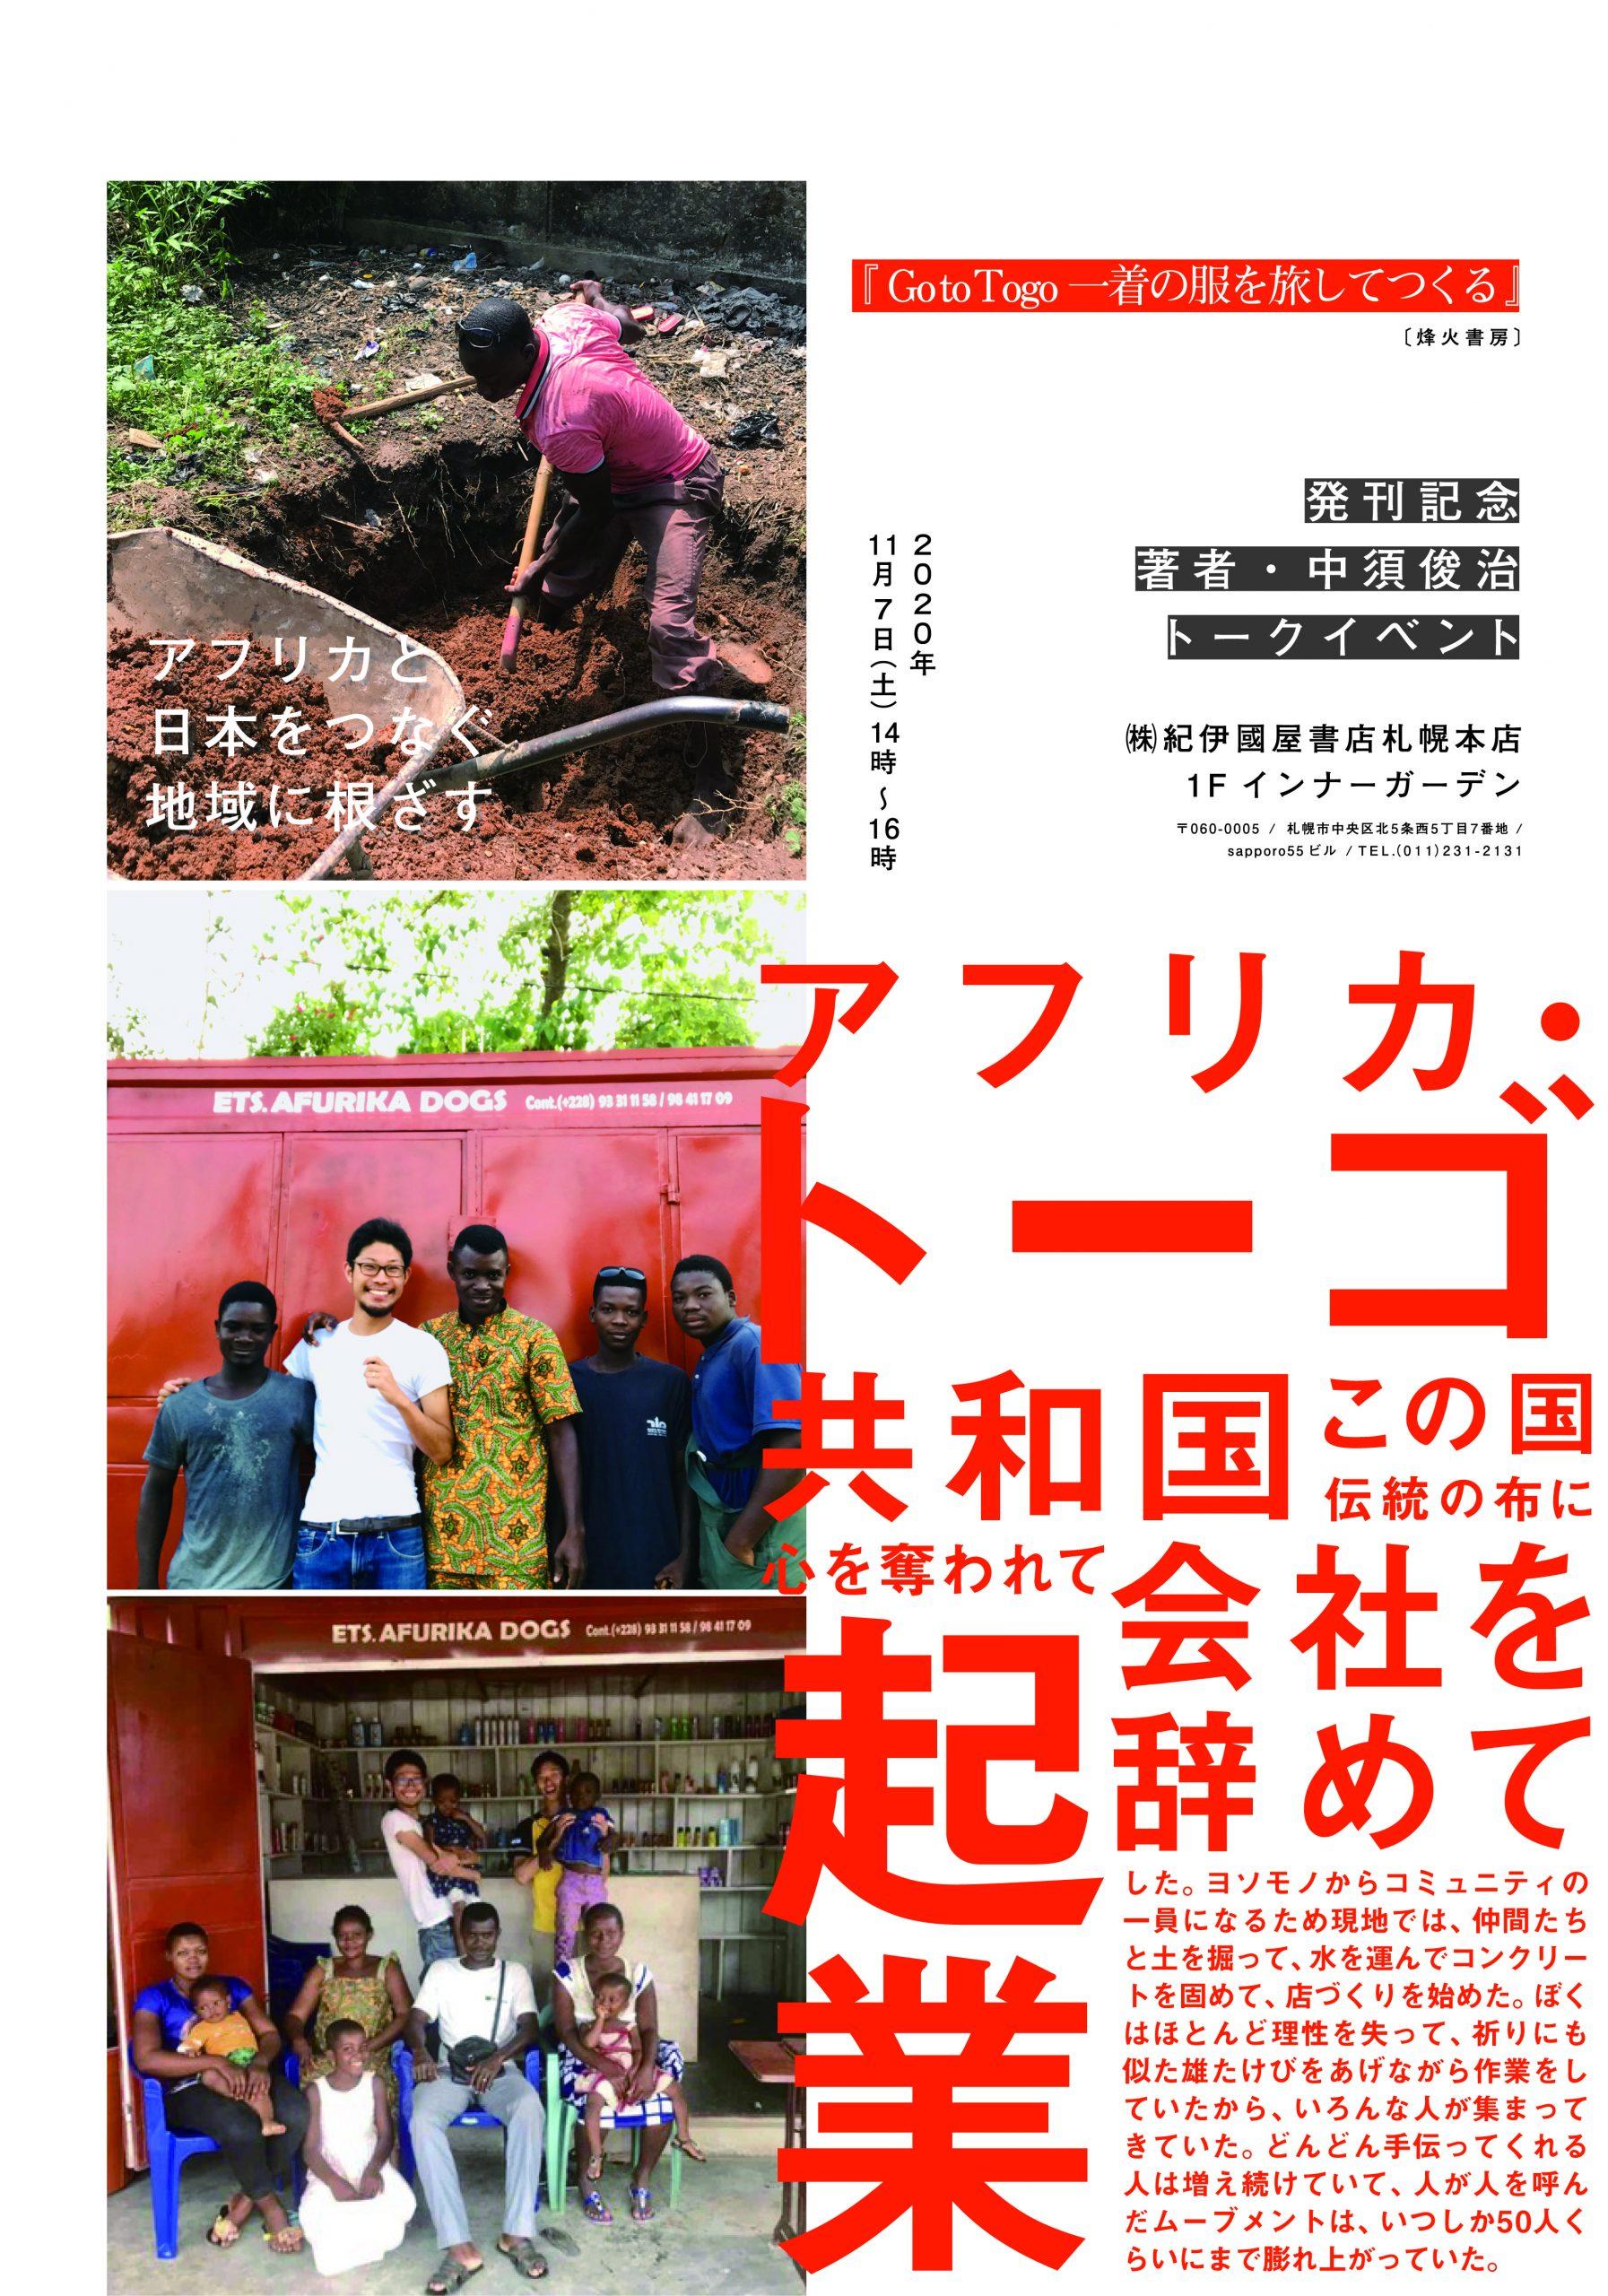 紀伊國屋書店:『Go To Togo』発売記念・アフリカと日本をつなぐ、地域に根ざす